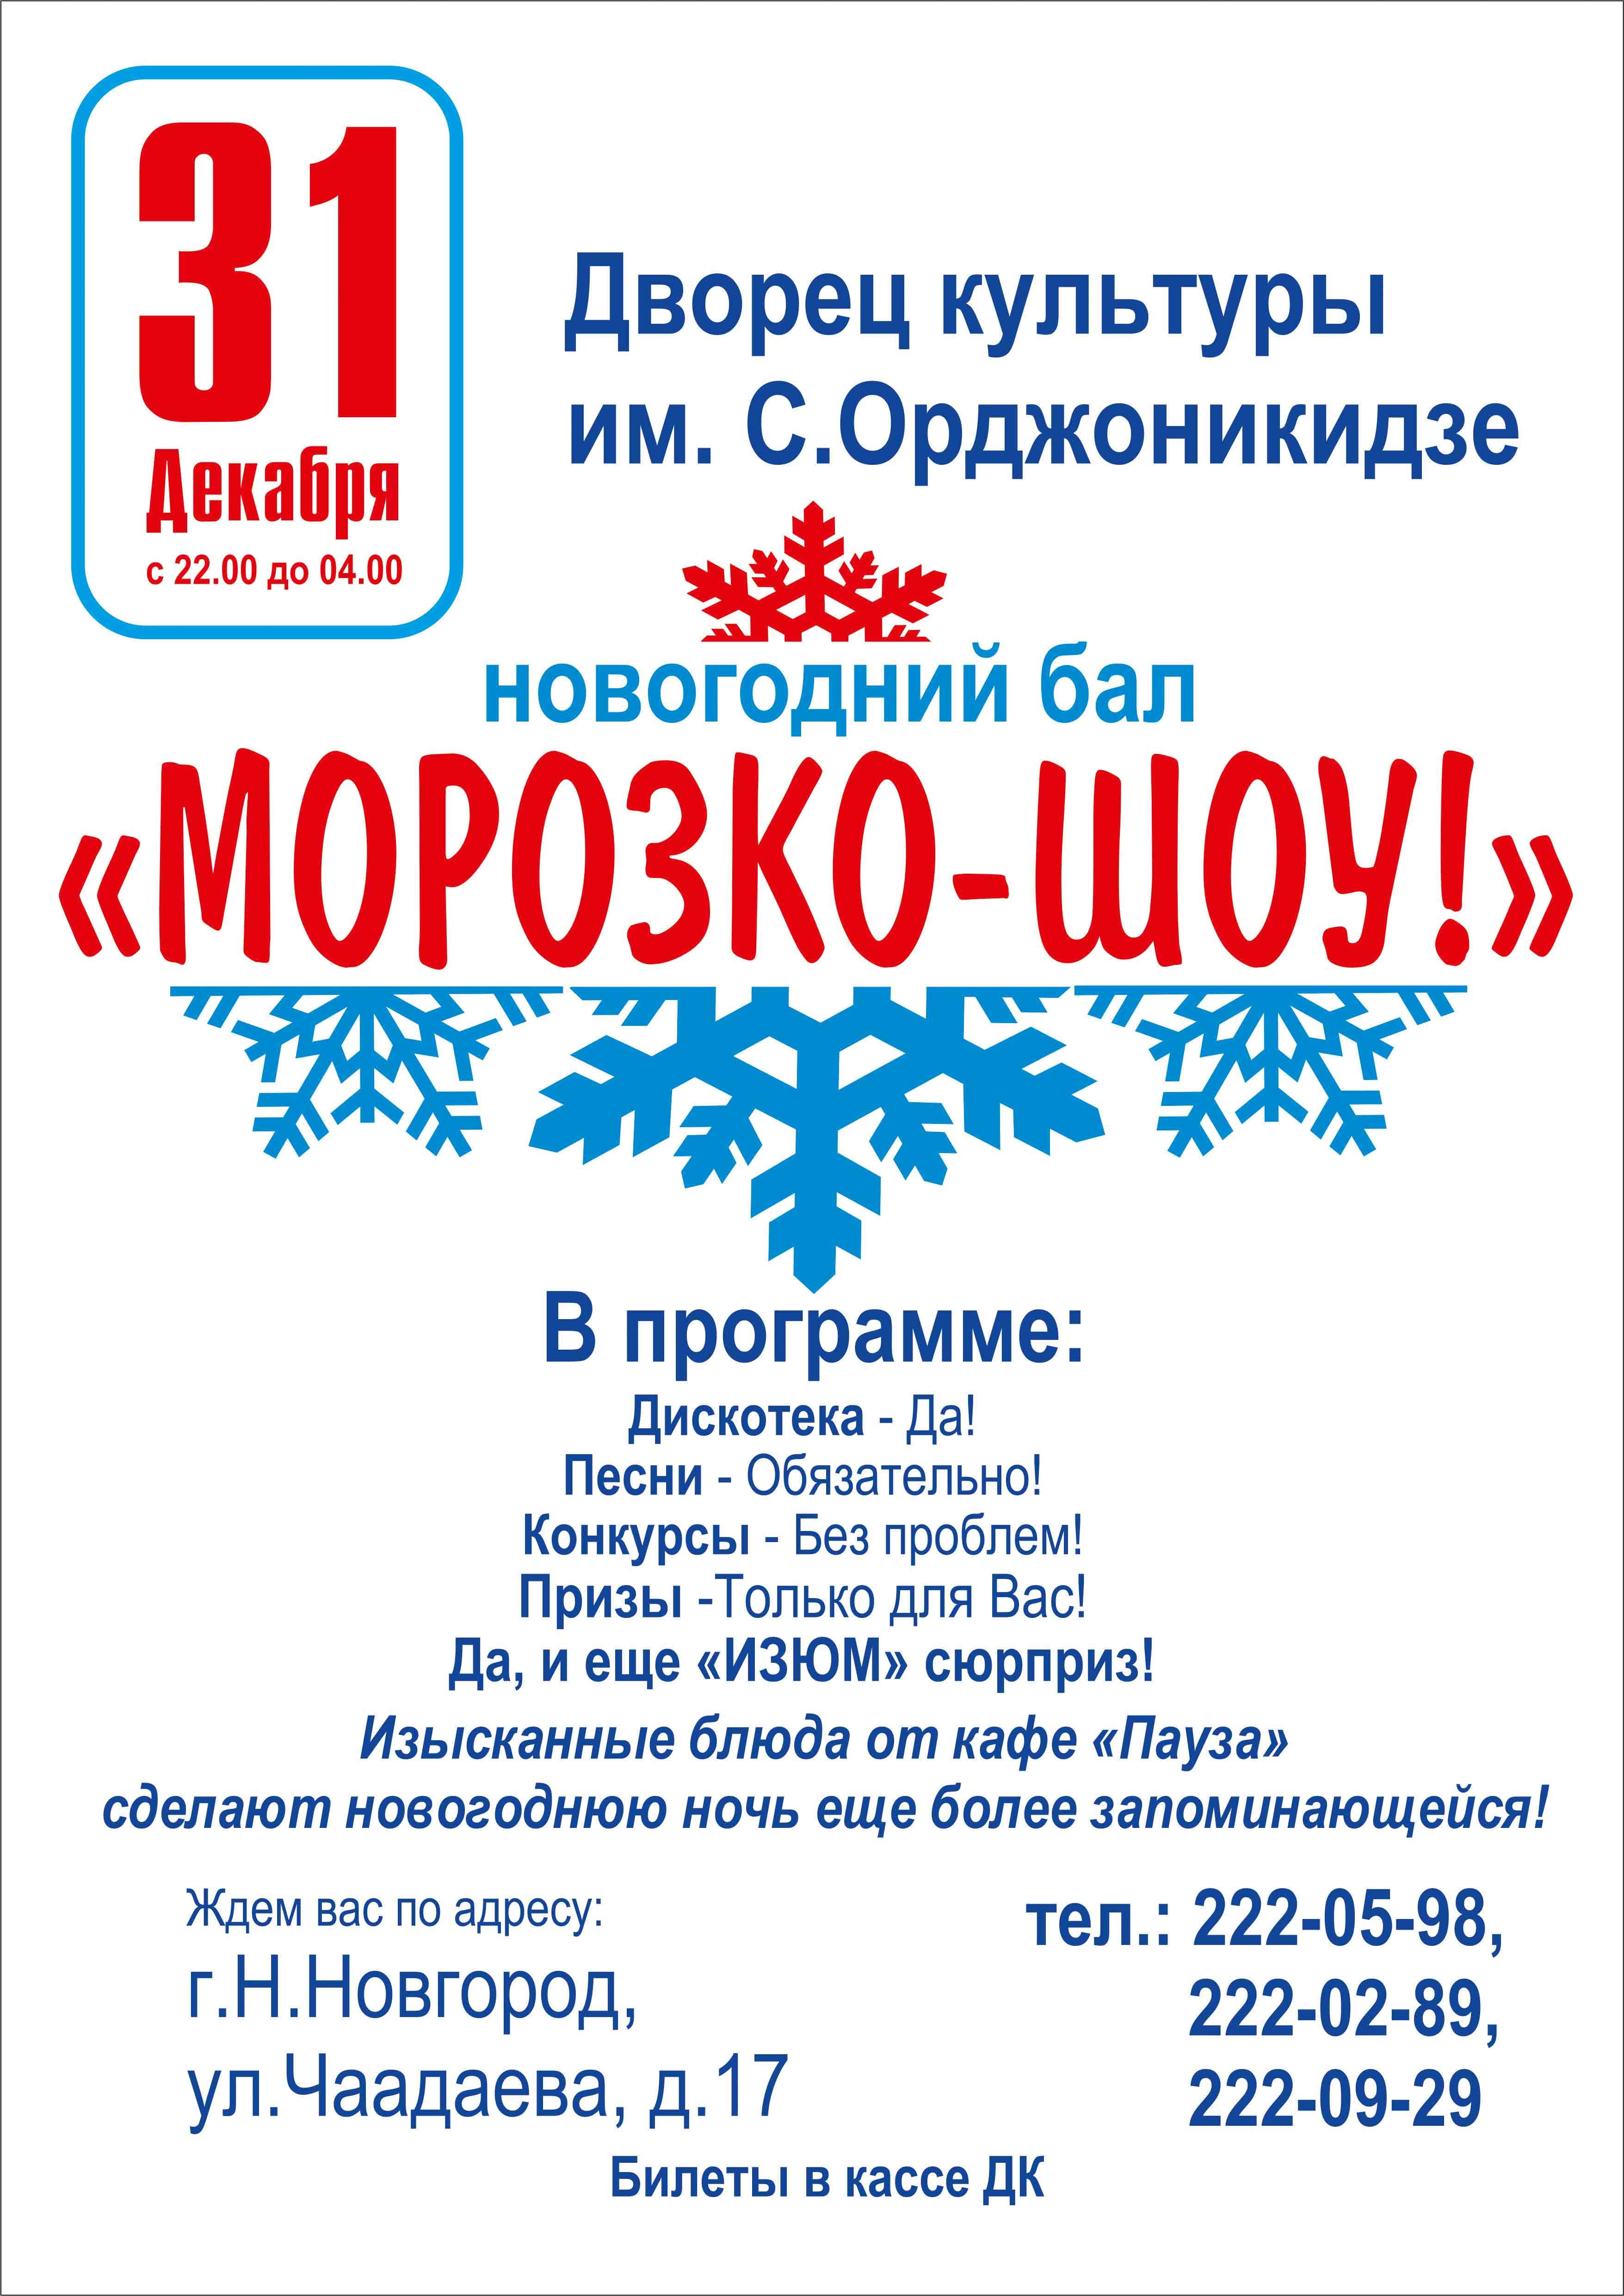 Морозко-шоу